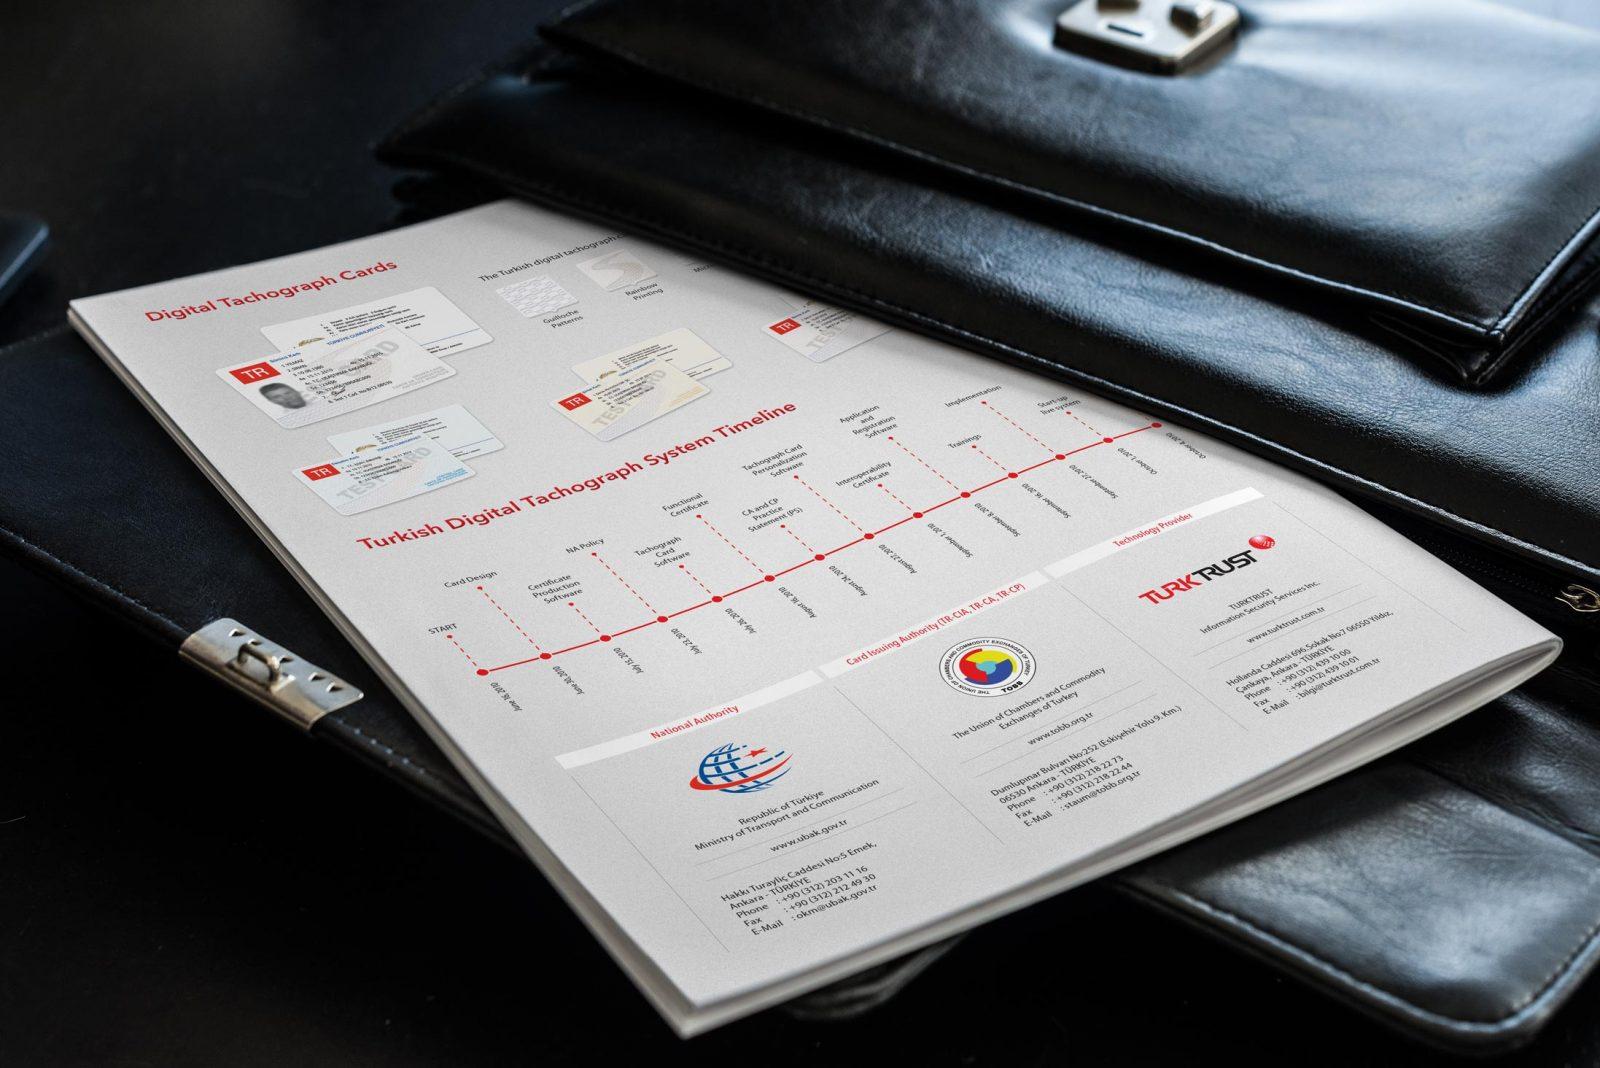 türktrust staum brosur tasarımı 03